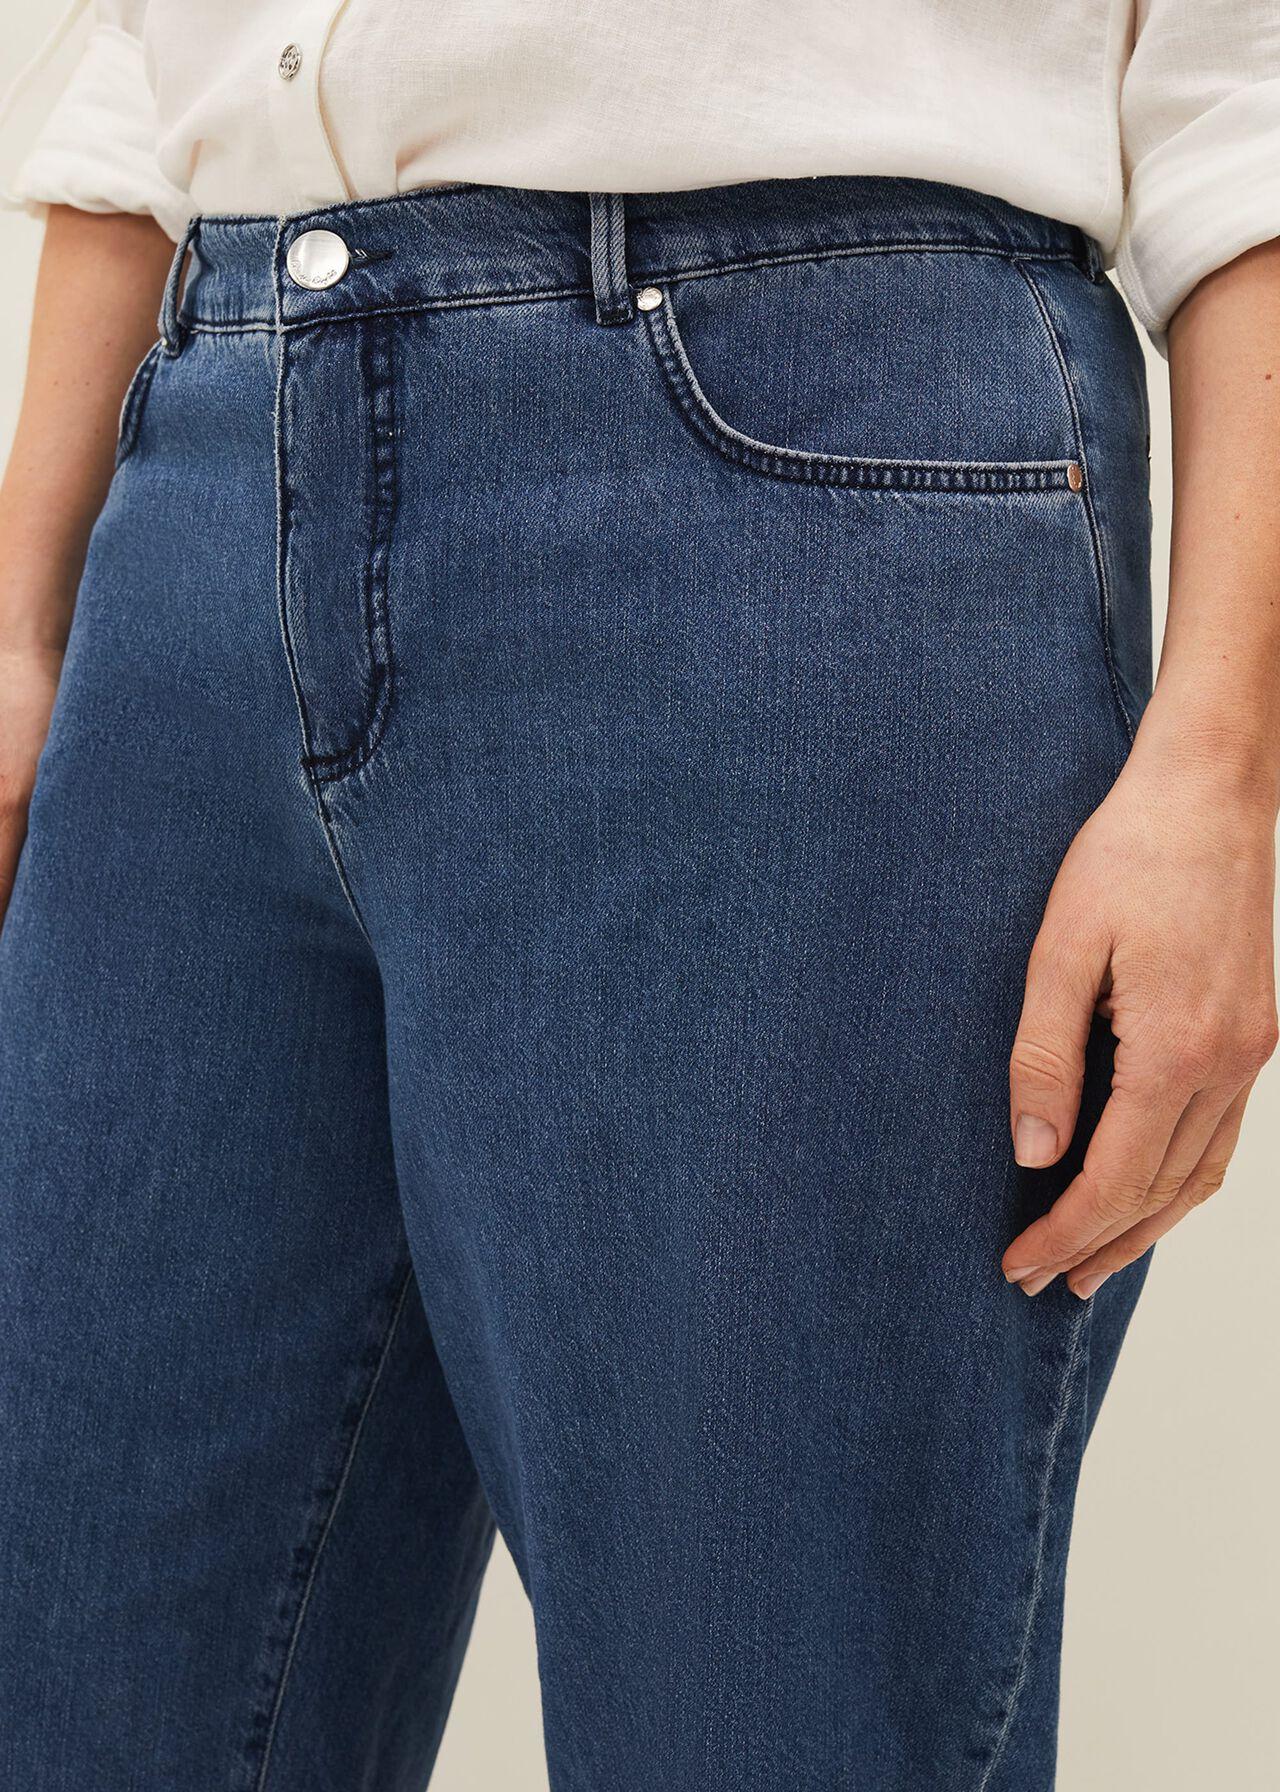 Romilly Barrel Leg Jean